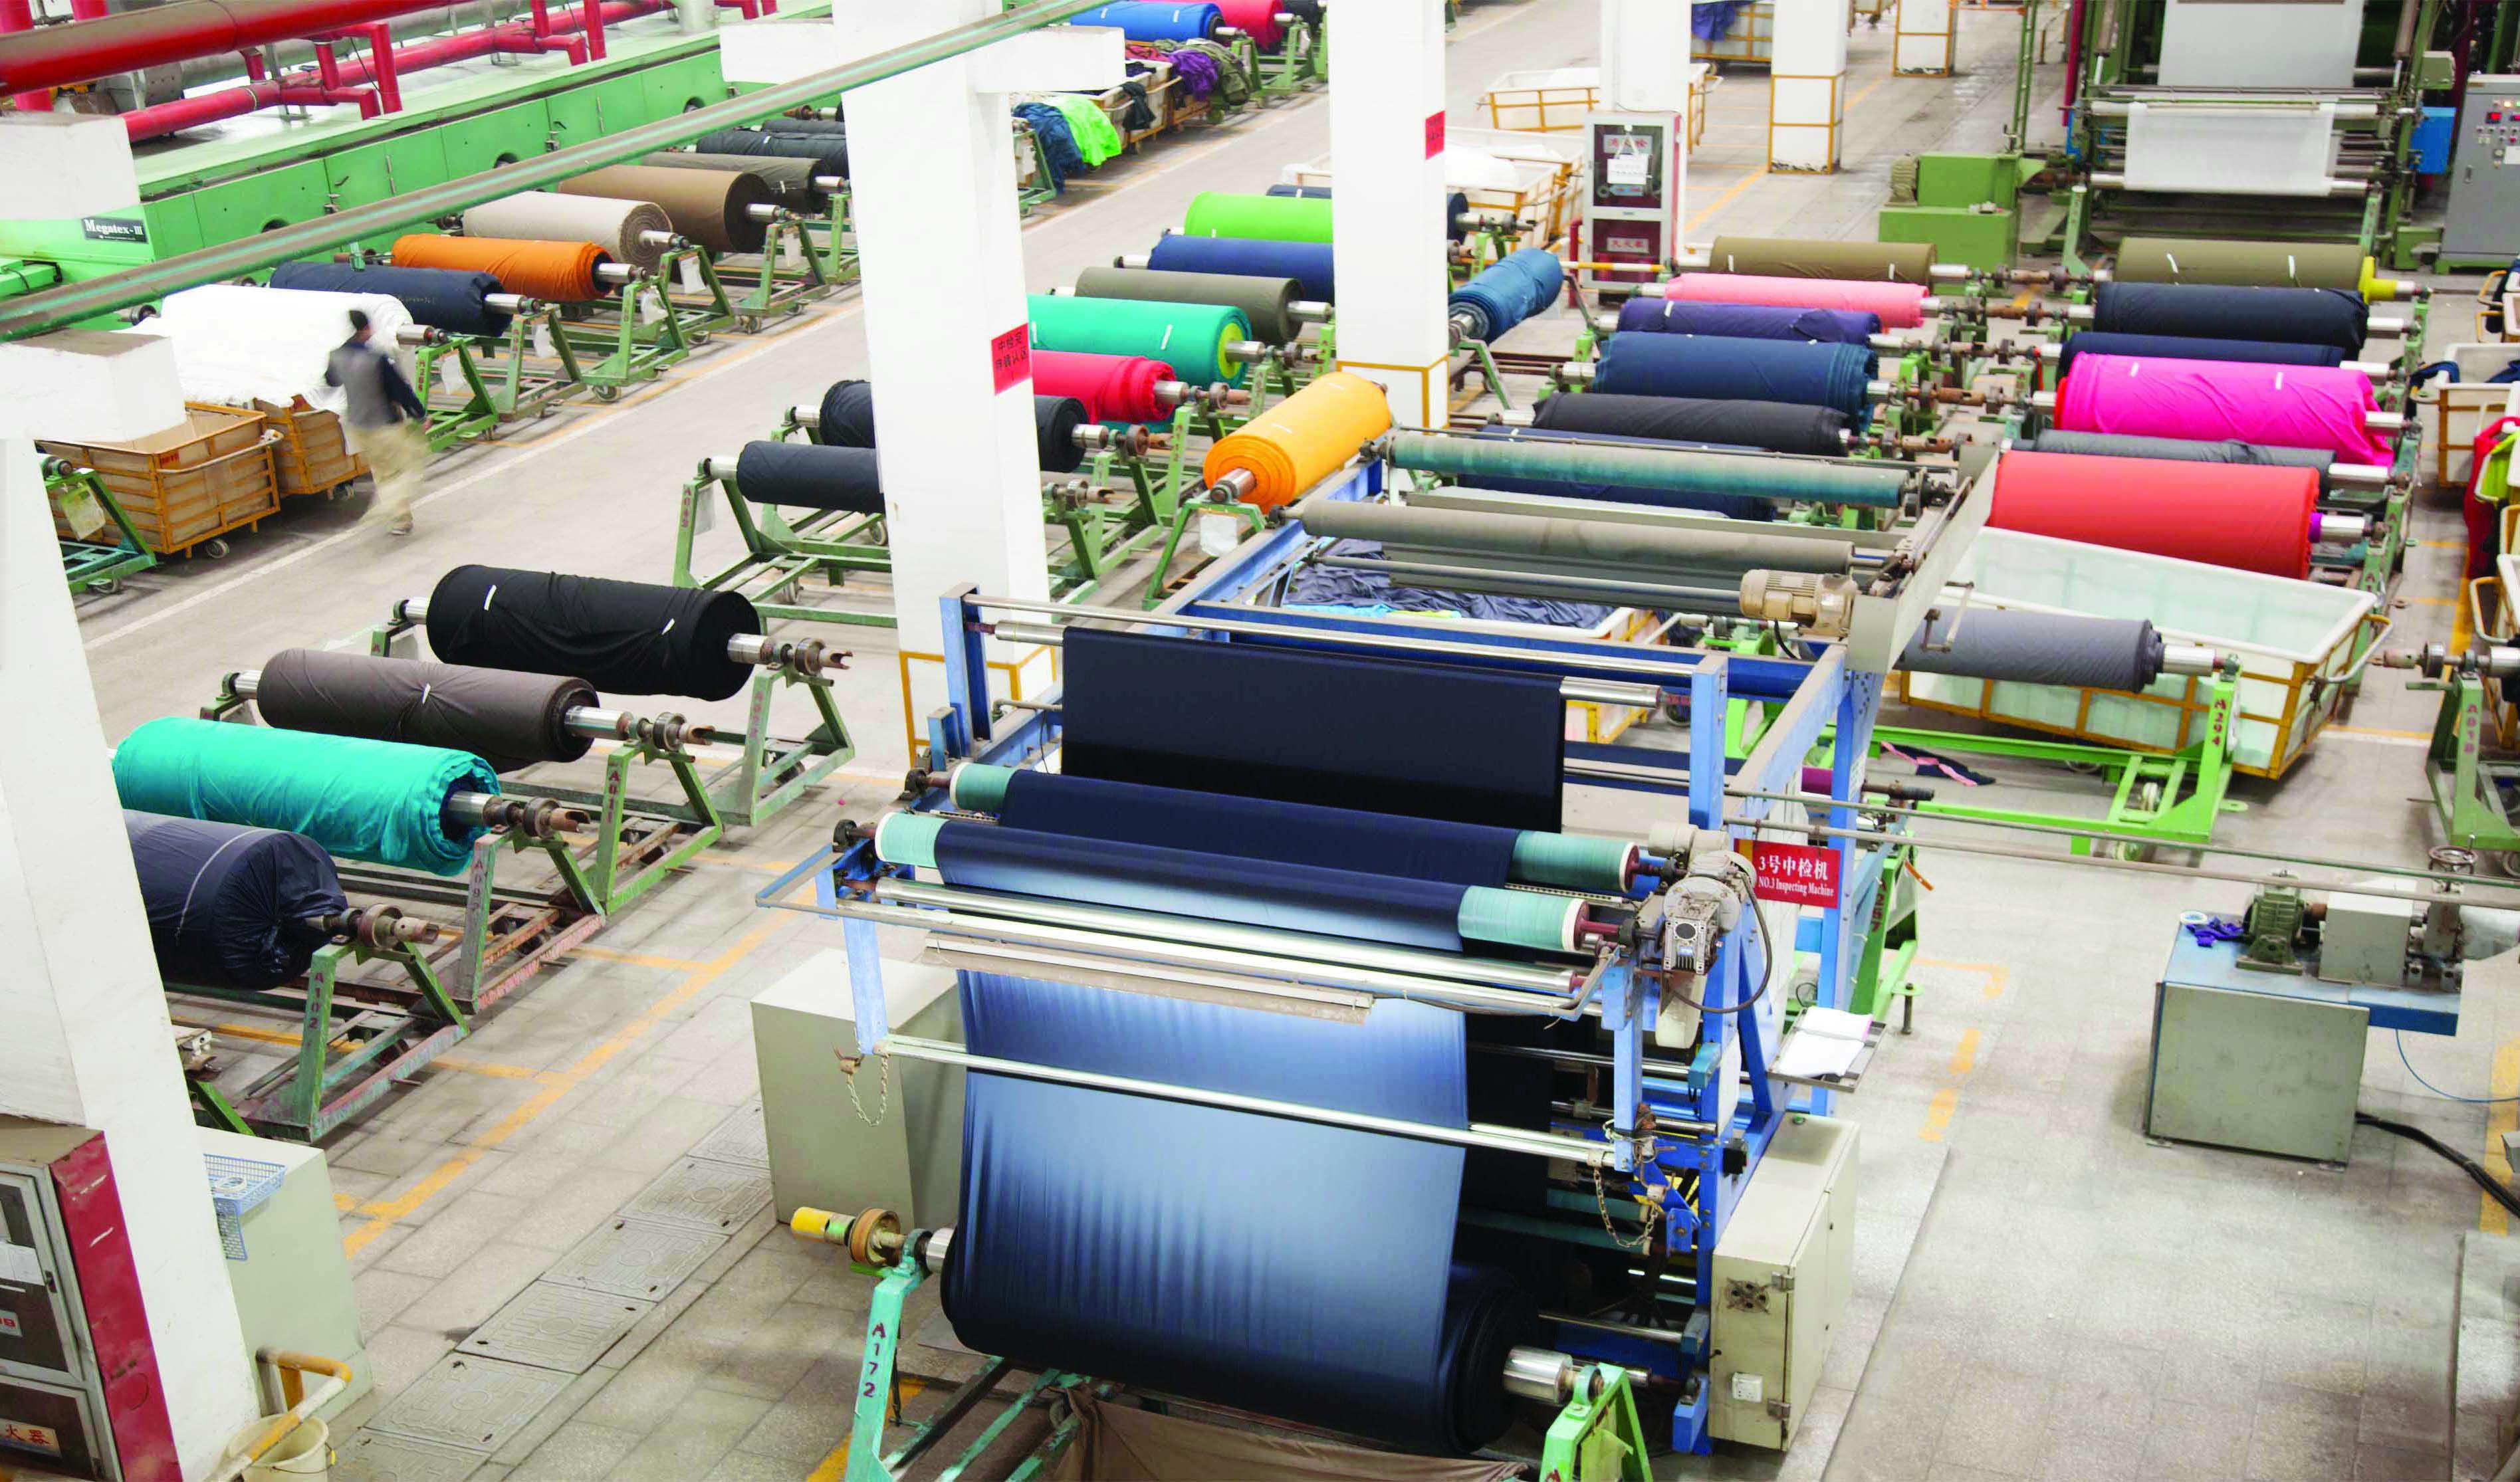 افزایش ۱۵ درصدی حجم صادرات صنایع کوچک کشور